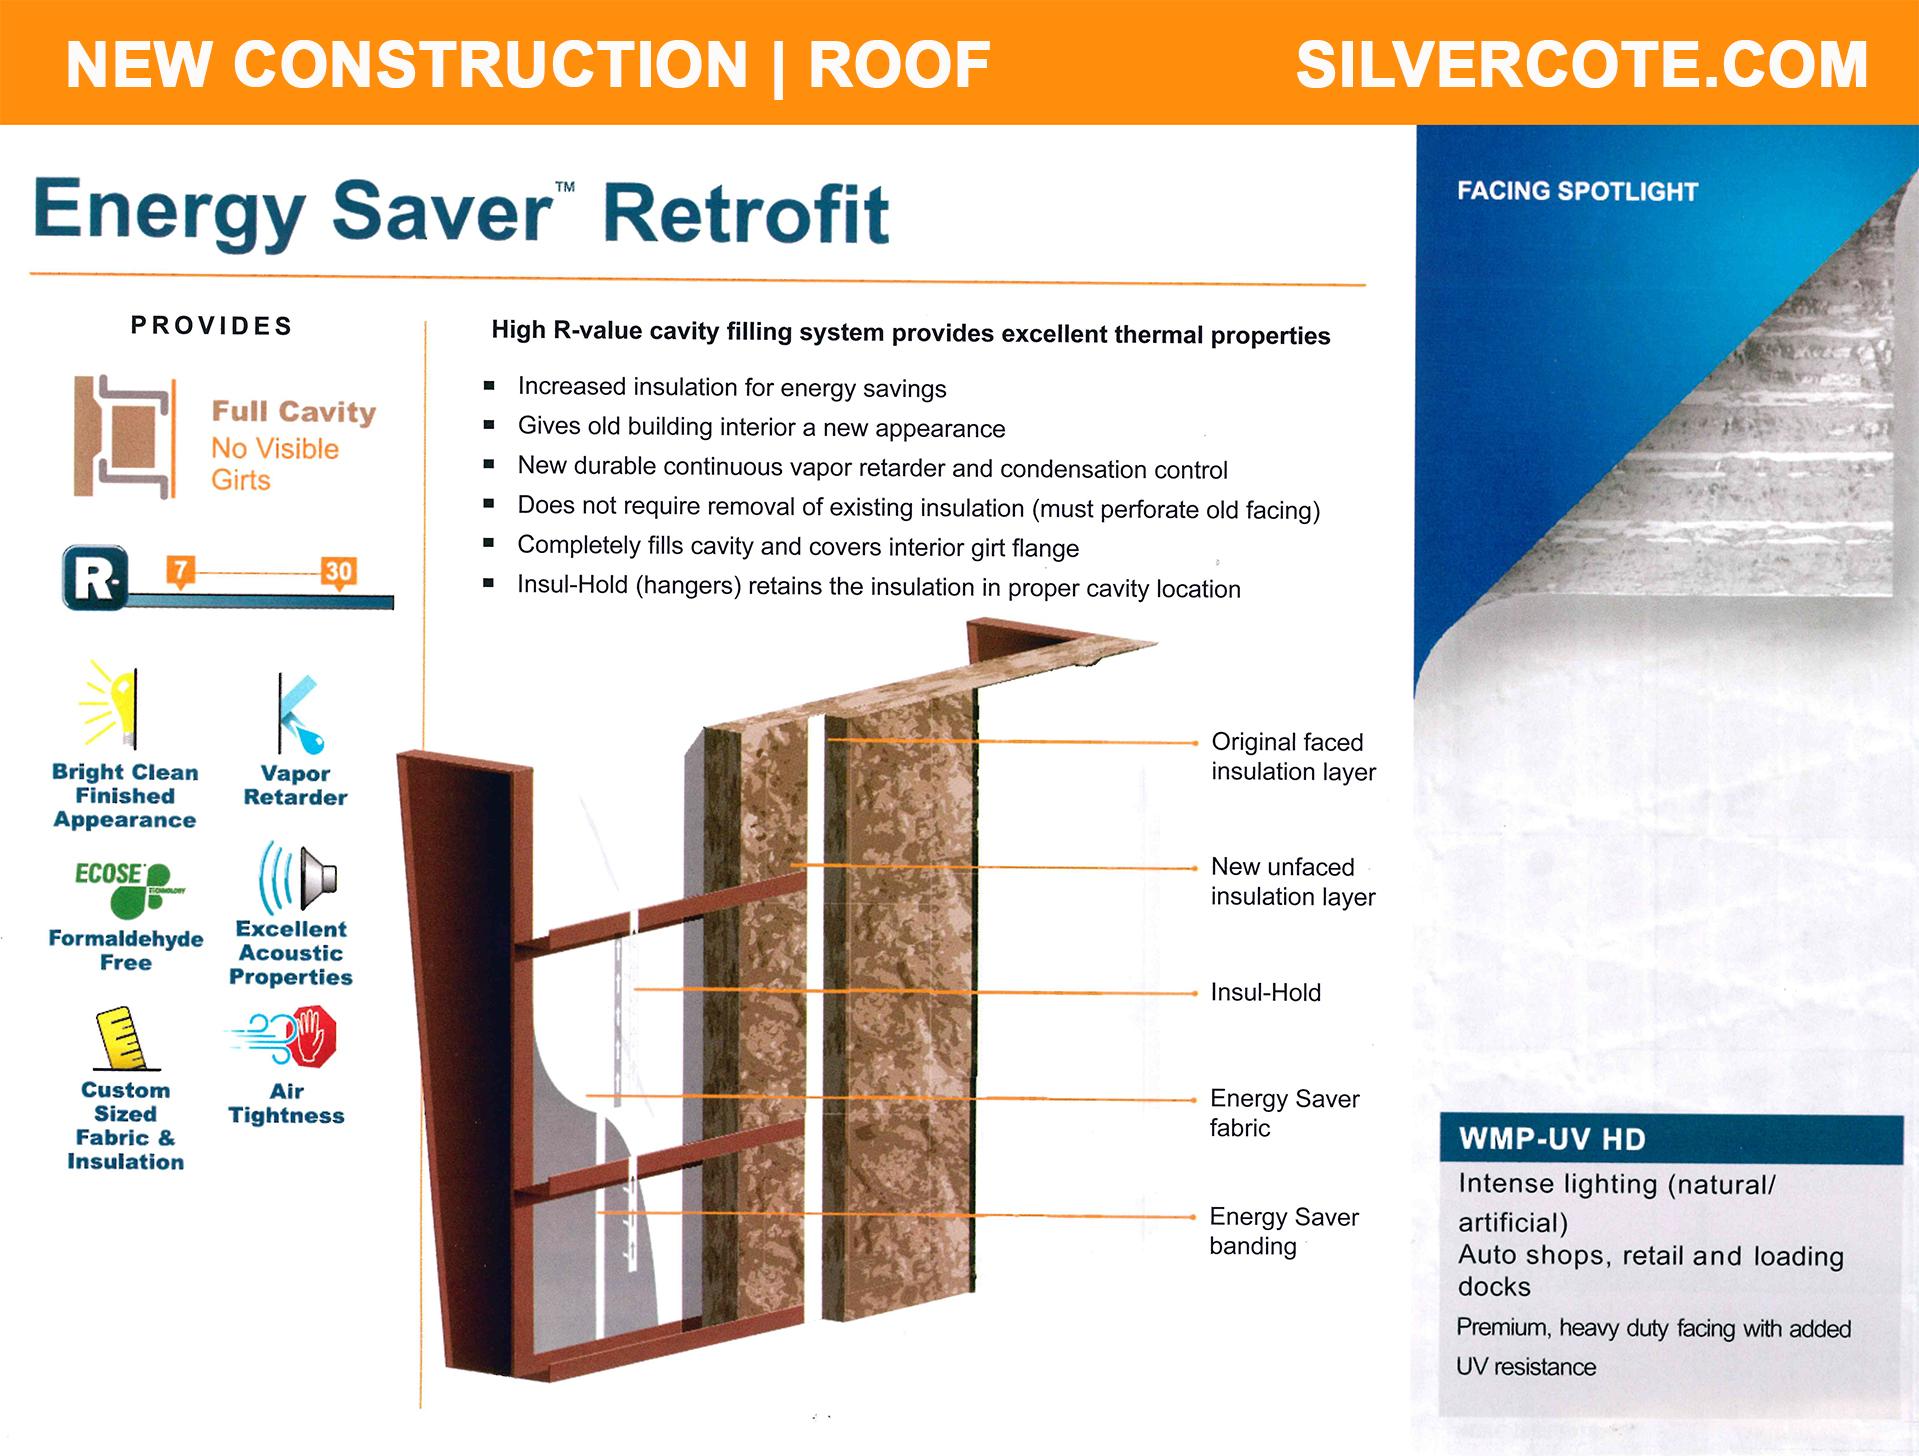 Energy Saver FP